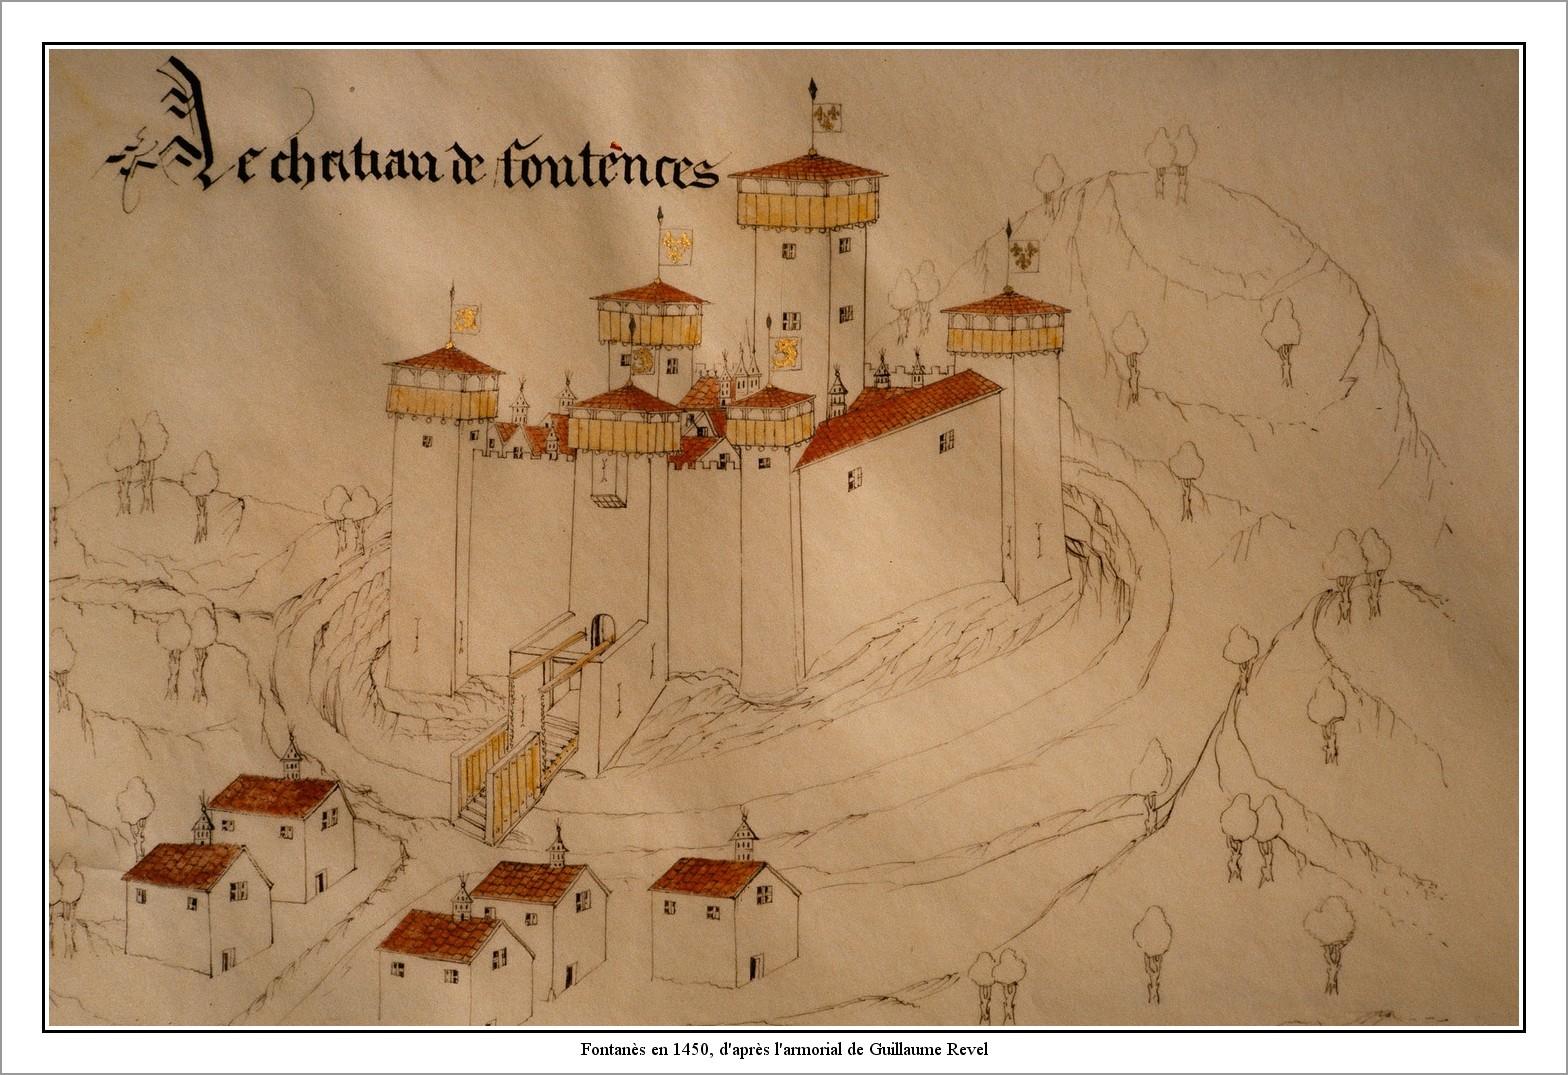 Fontanès en 1450, d_après l_armorial de Guillaume Revel.jpg